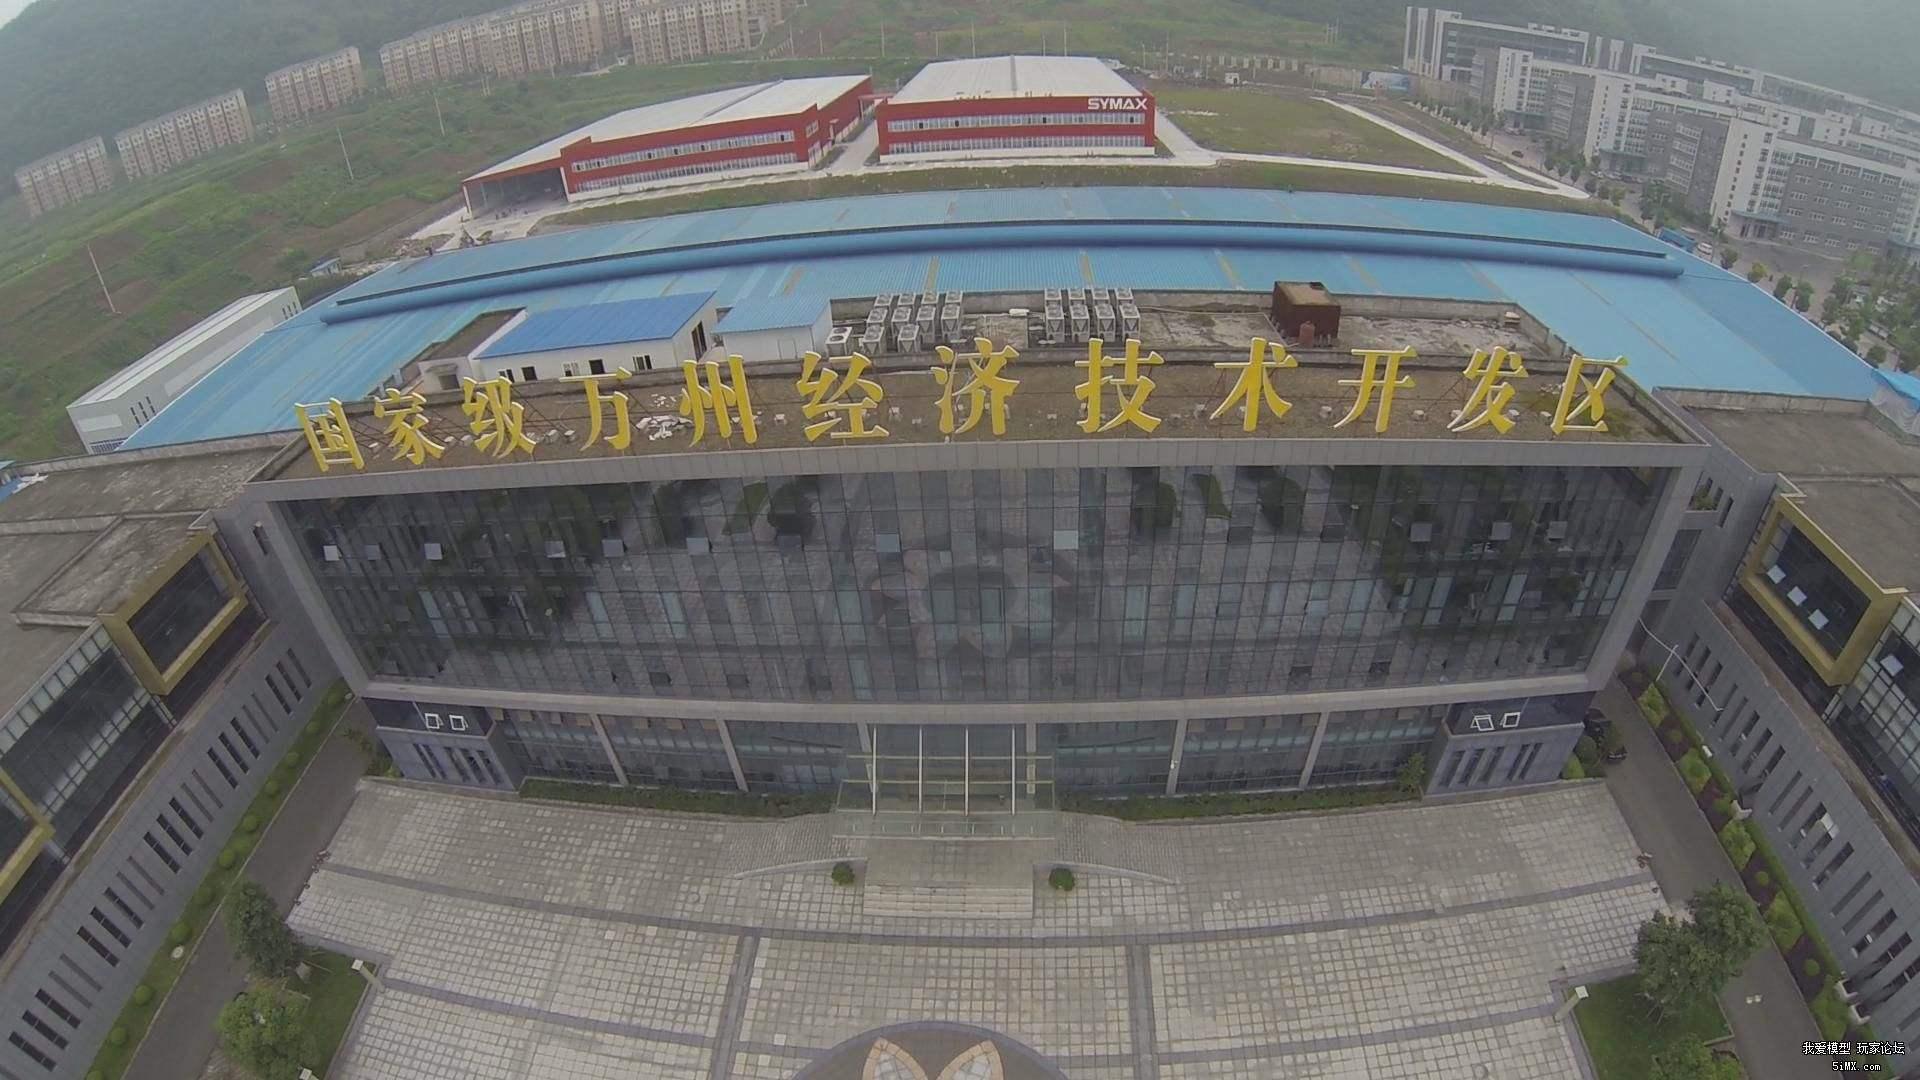 万州工业园区优惠政策_万州总部经济_万州总部经济招商_重庆公司返税政策